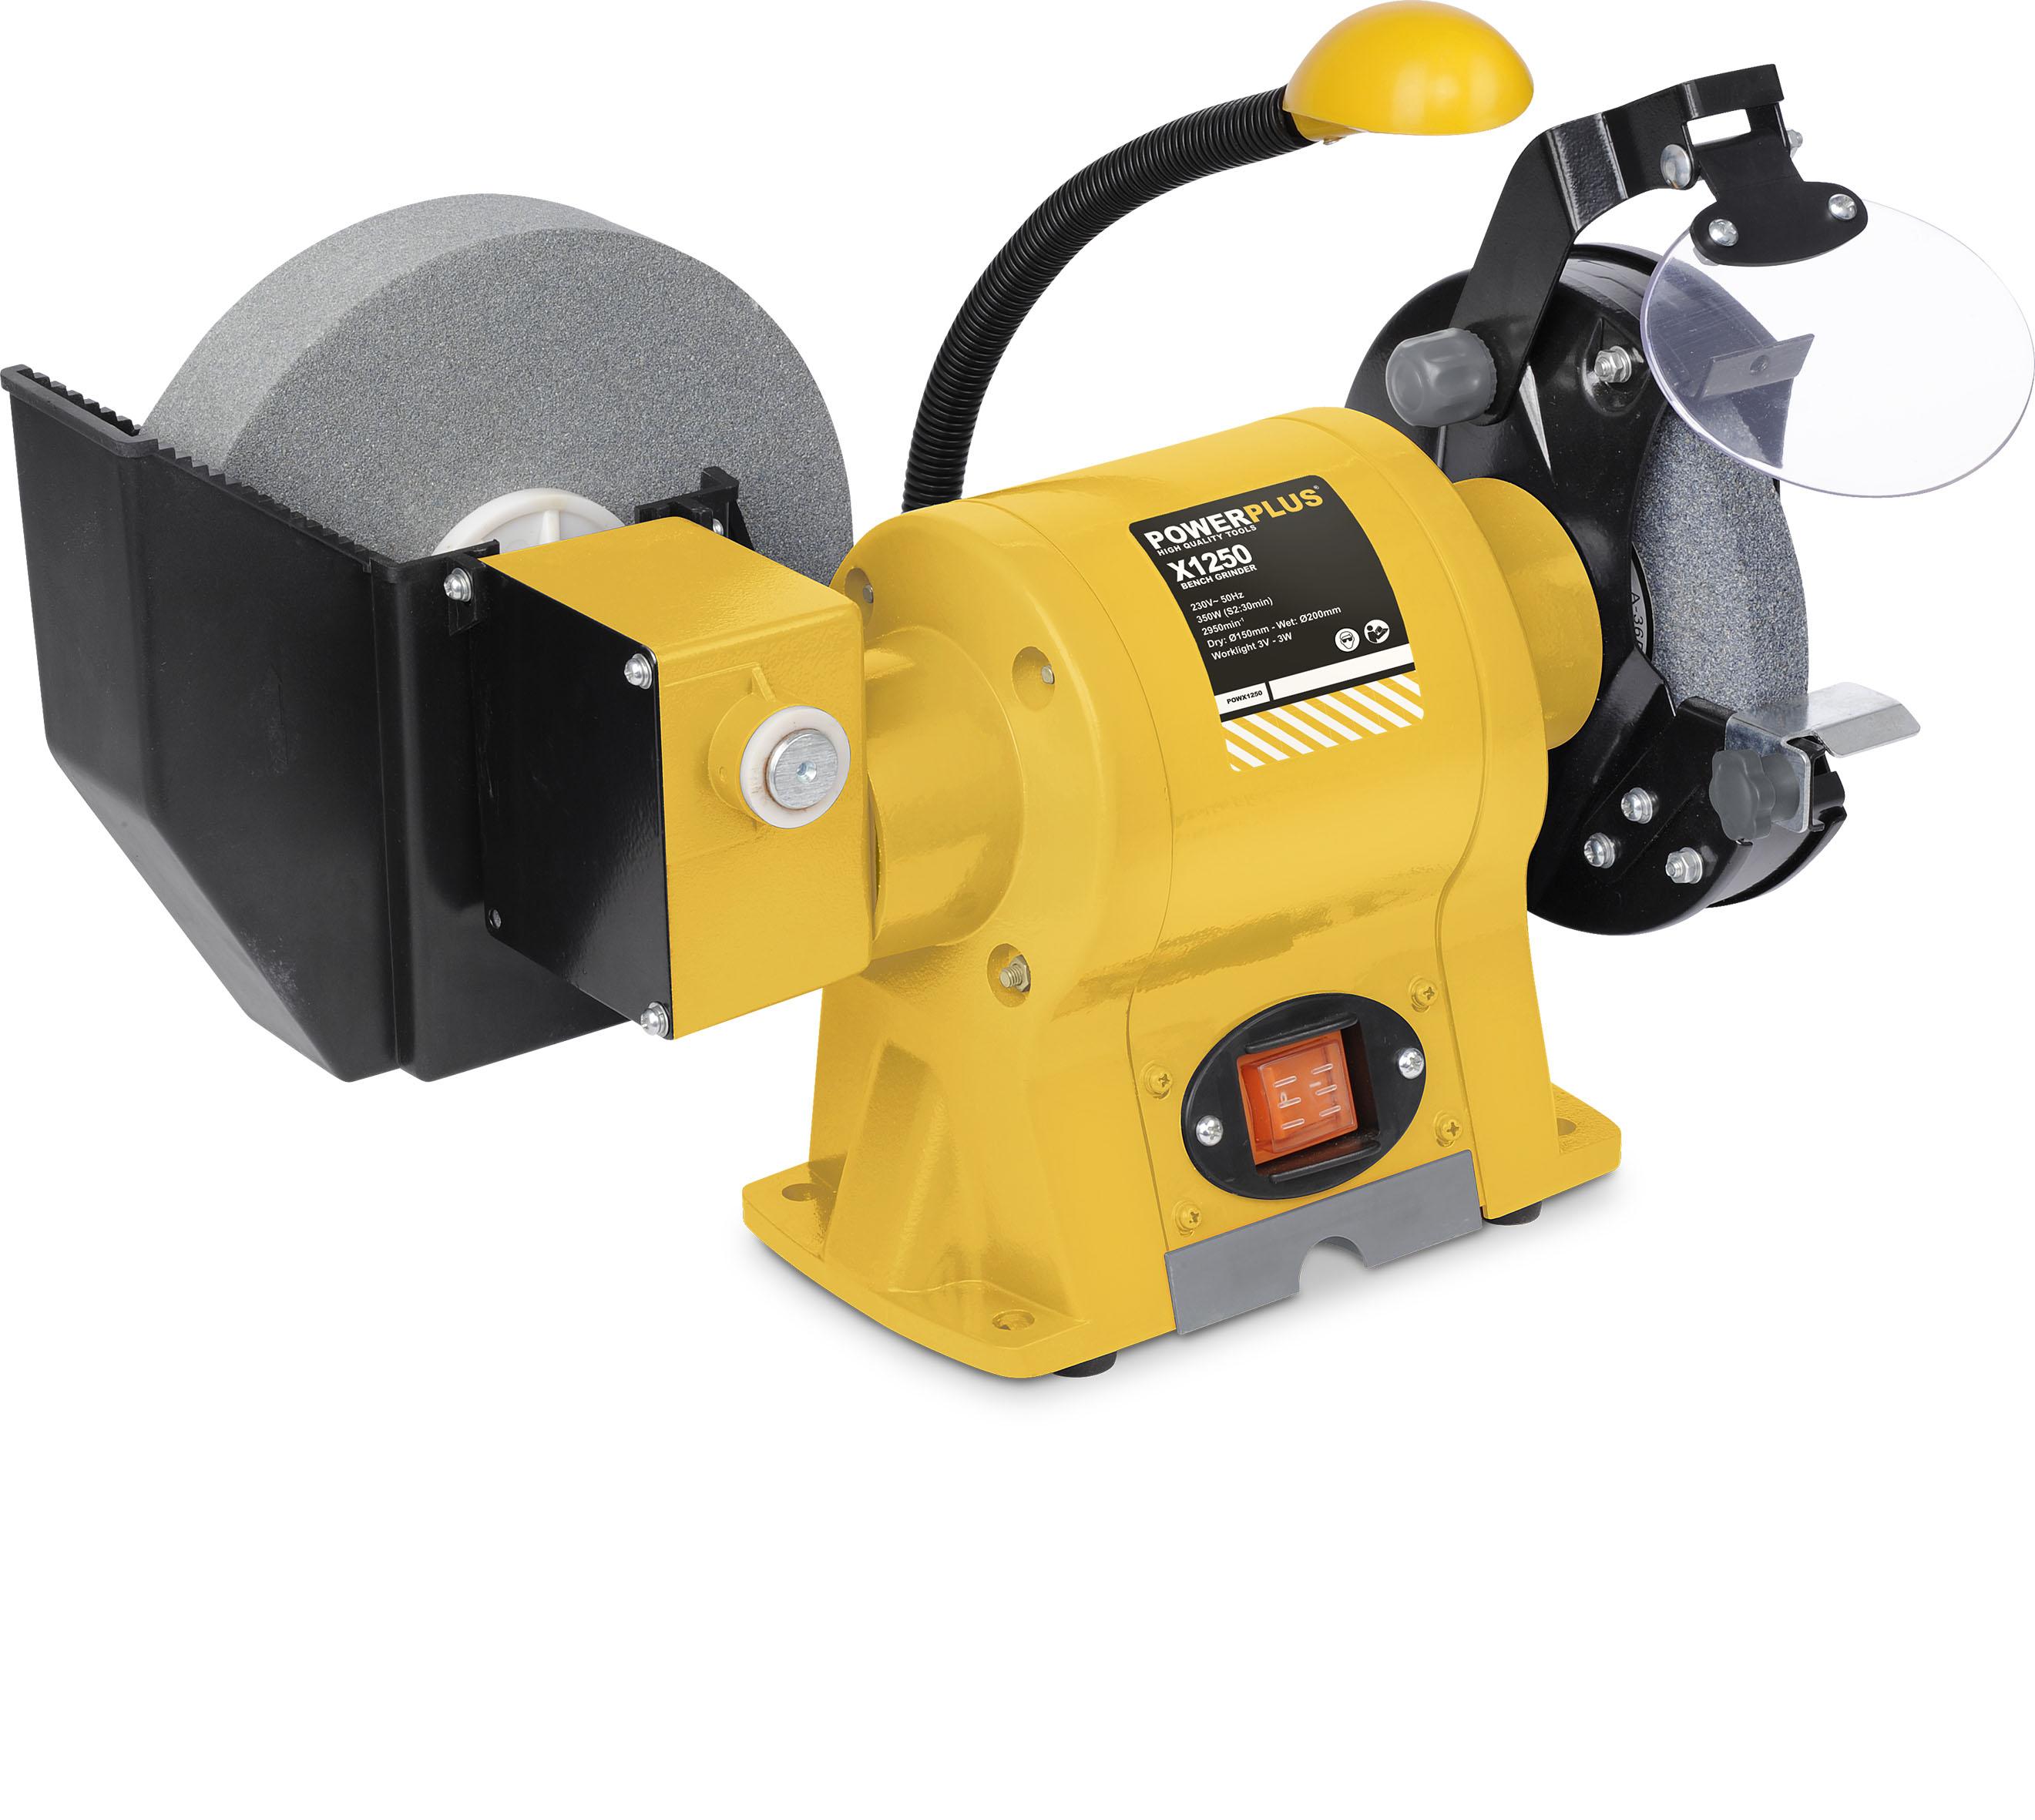 Tør og våd sliber 150/200 mm 350 watt